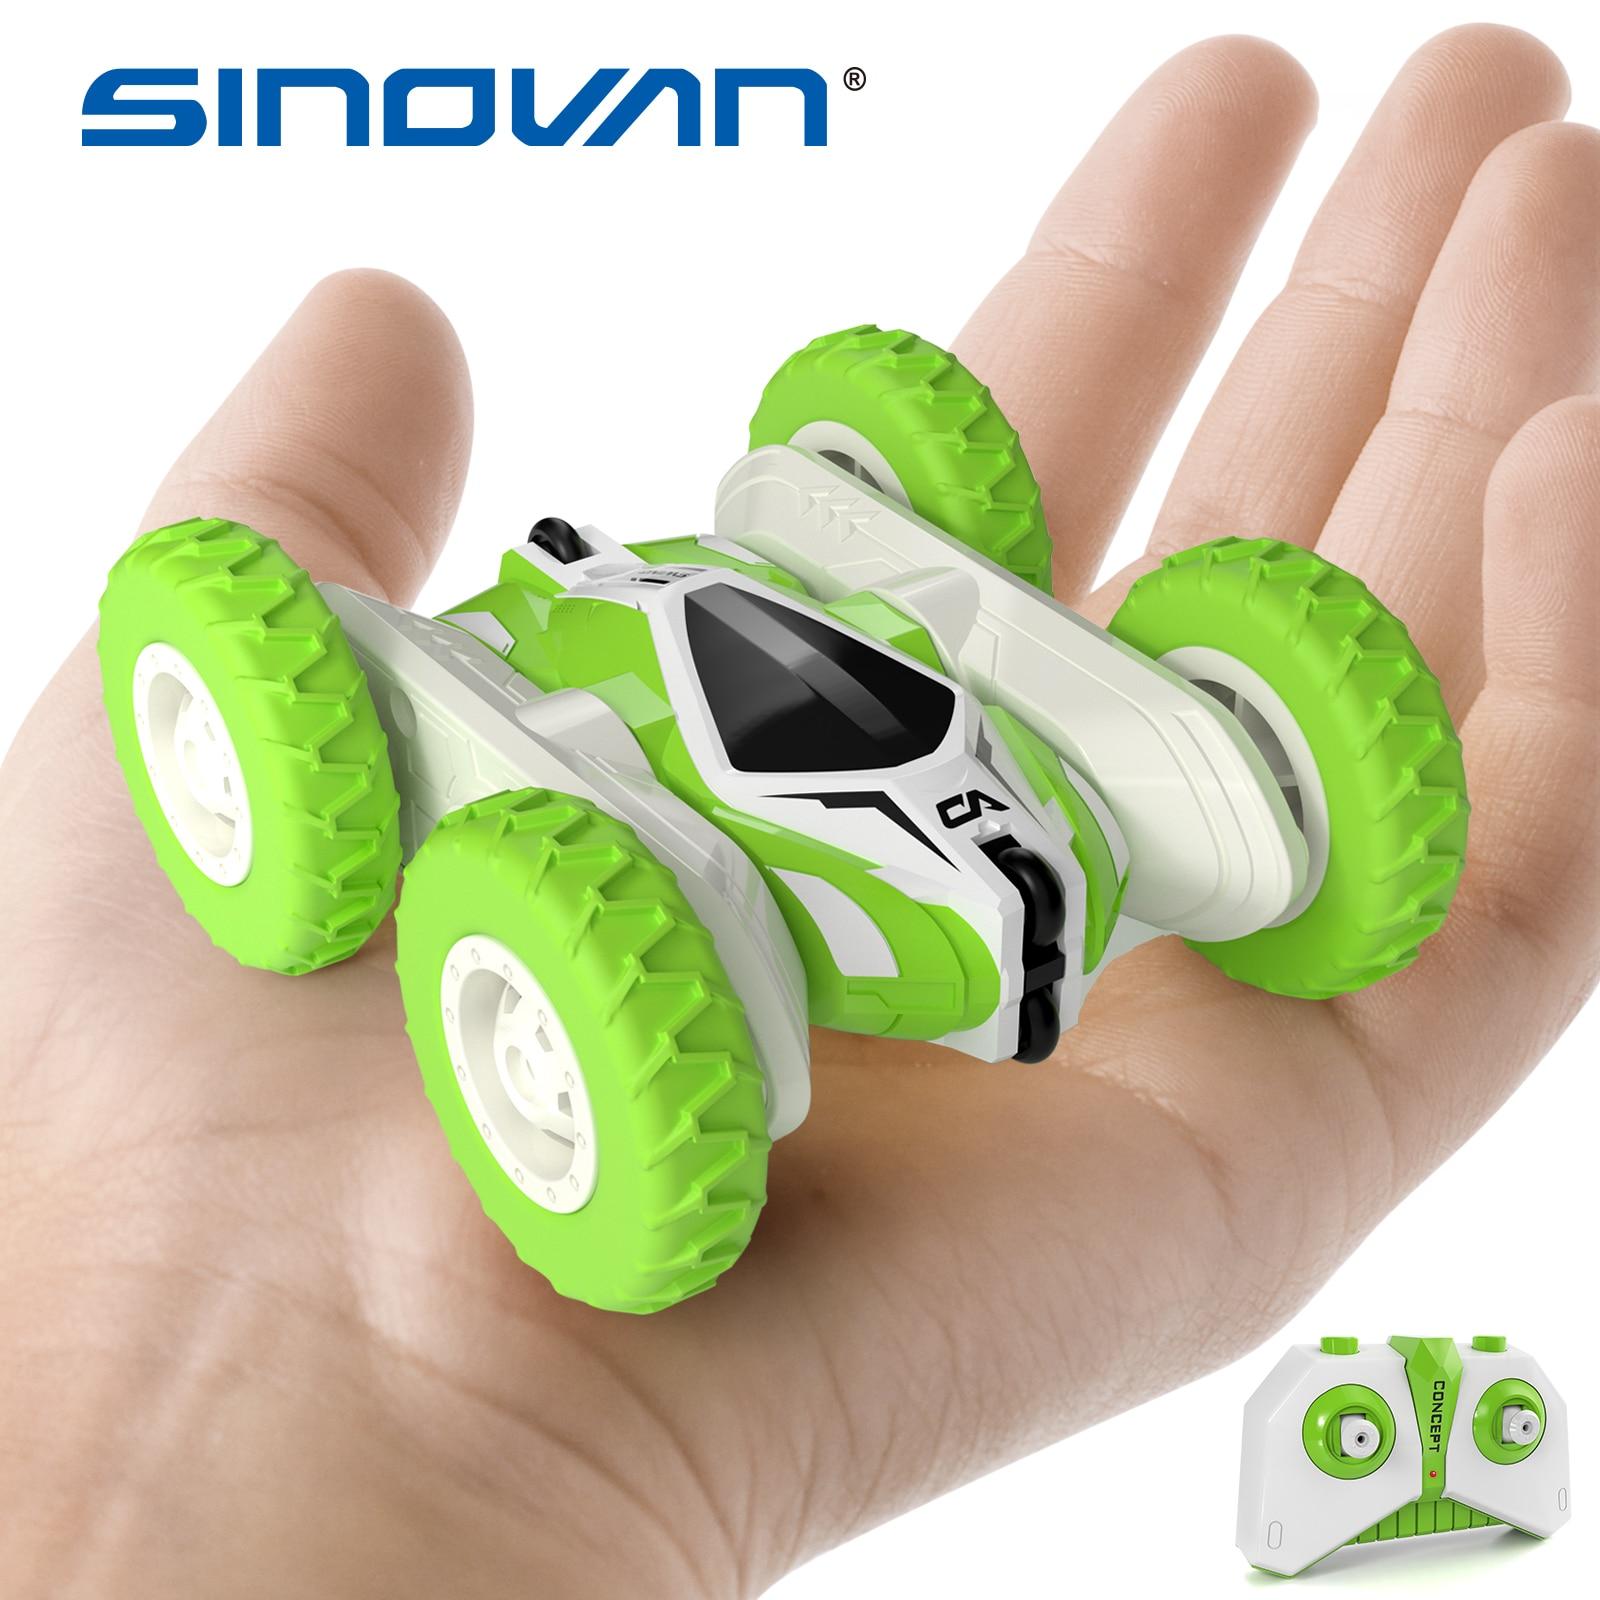 Sinovan هوجين RC سيارة 2.4G 4CH حيلة الانجراف تشوه عربات التي تجرها الدواب سيارة التحكم عن بعد لفة سيارة 360 درجة الوجه الاطفال روبوت RC سيارات لعبة